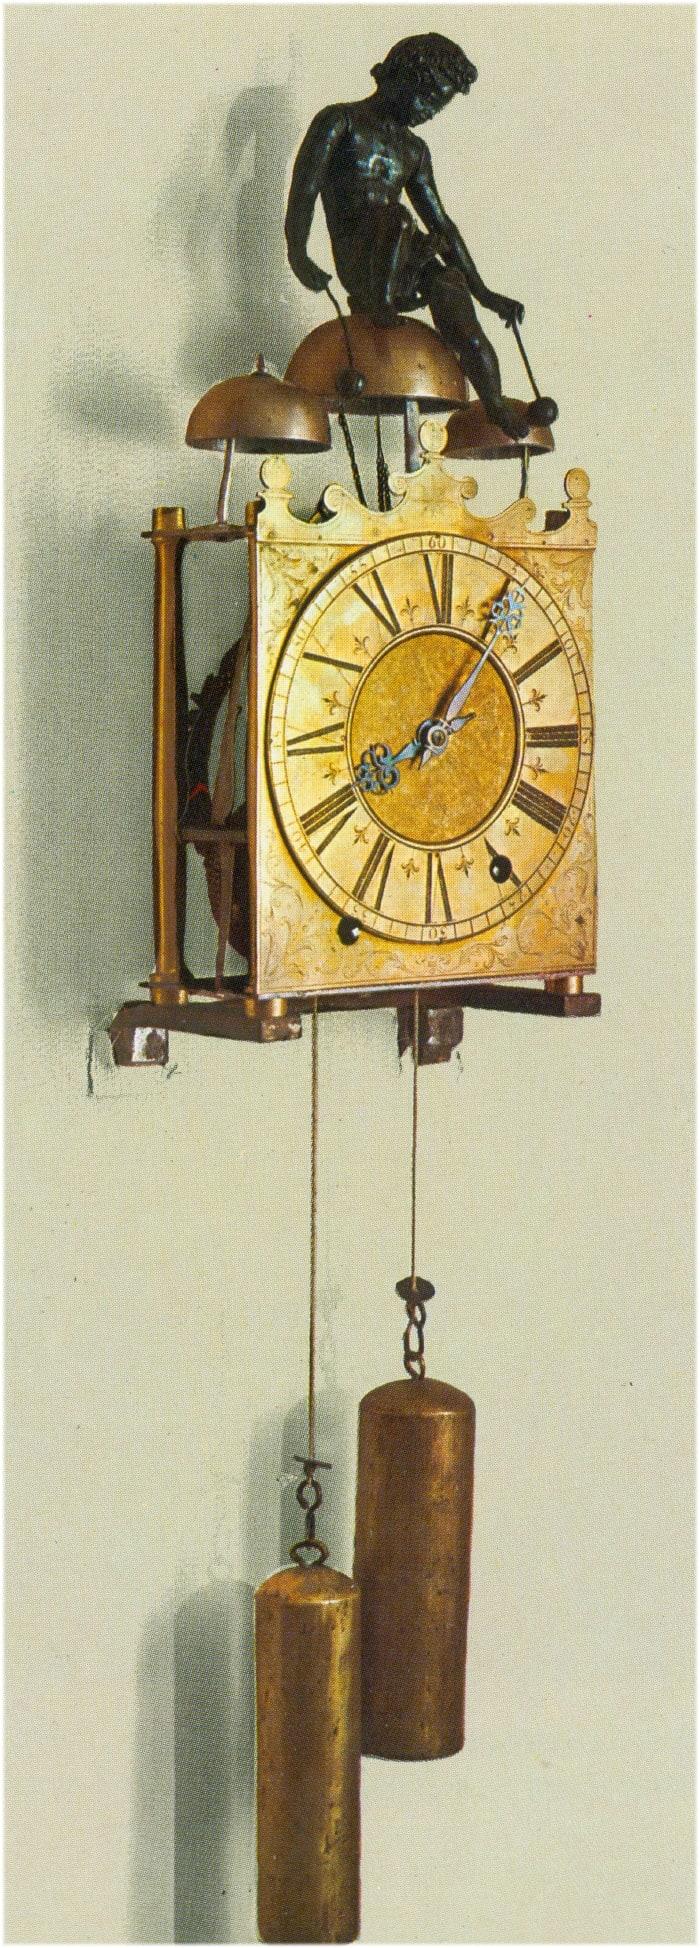 Uhr mit Schlagwerk 17. Jahrhundert